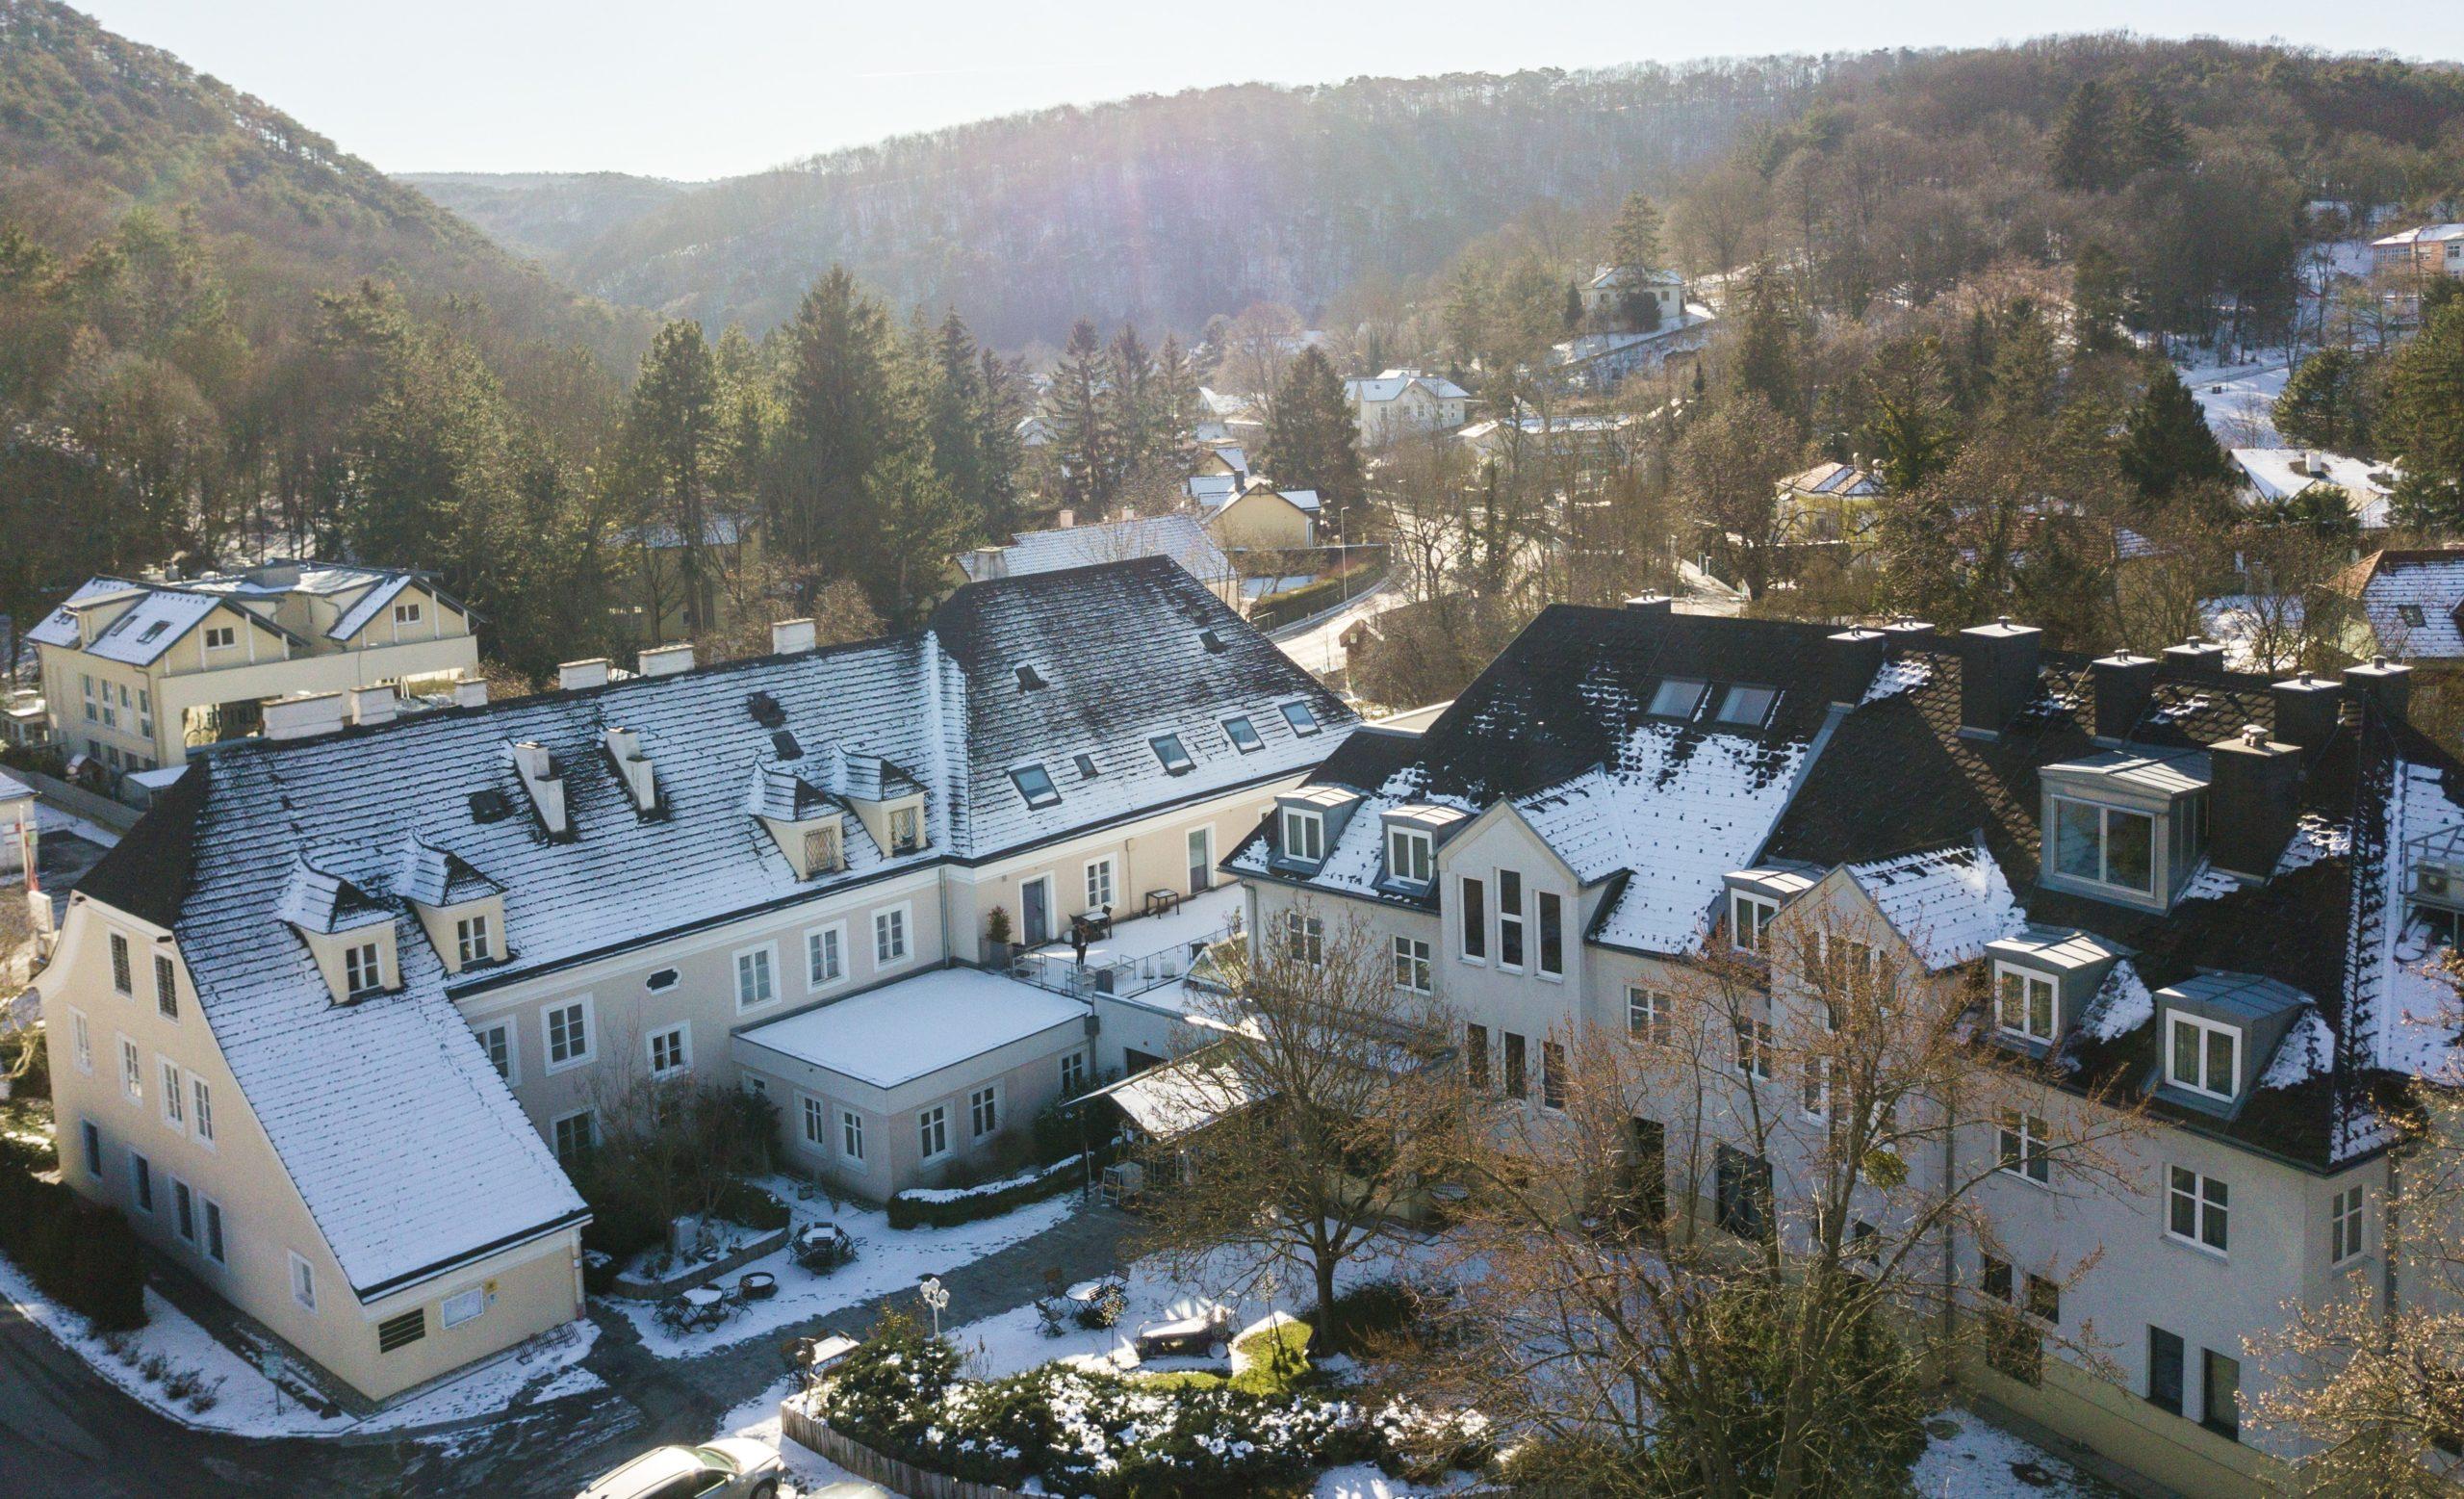 hotel hoeldrichsmuehle im winter ansicht